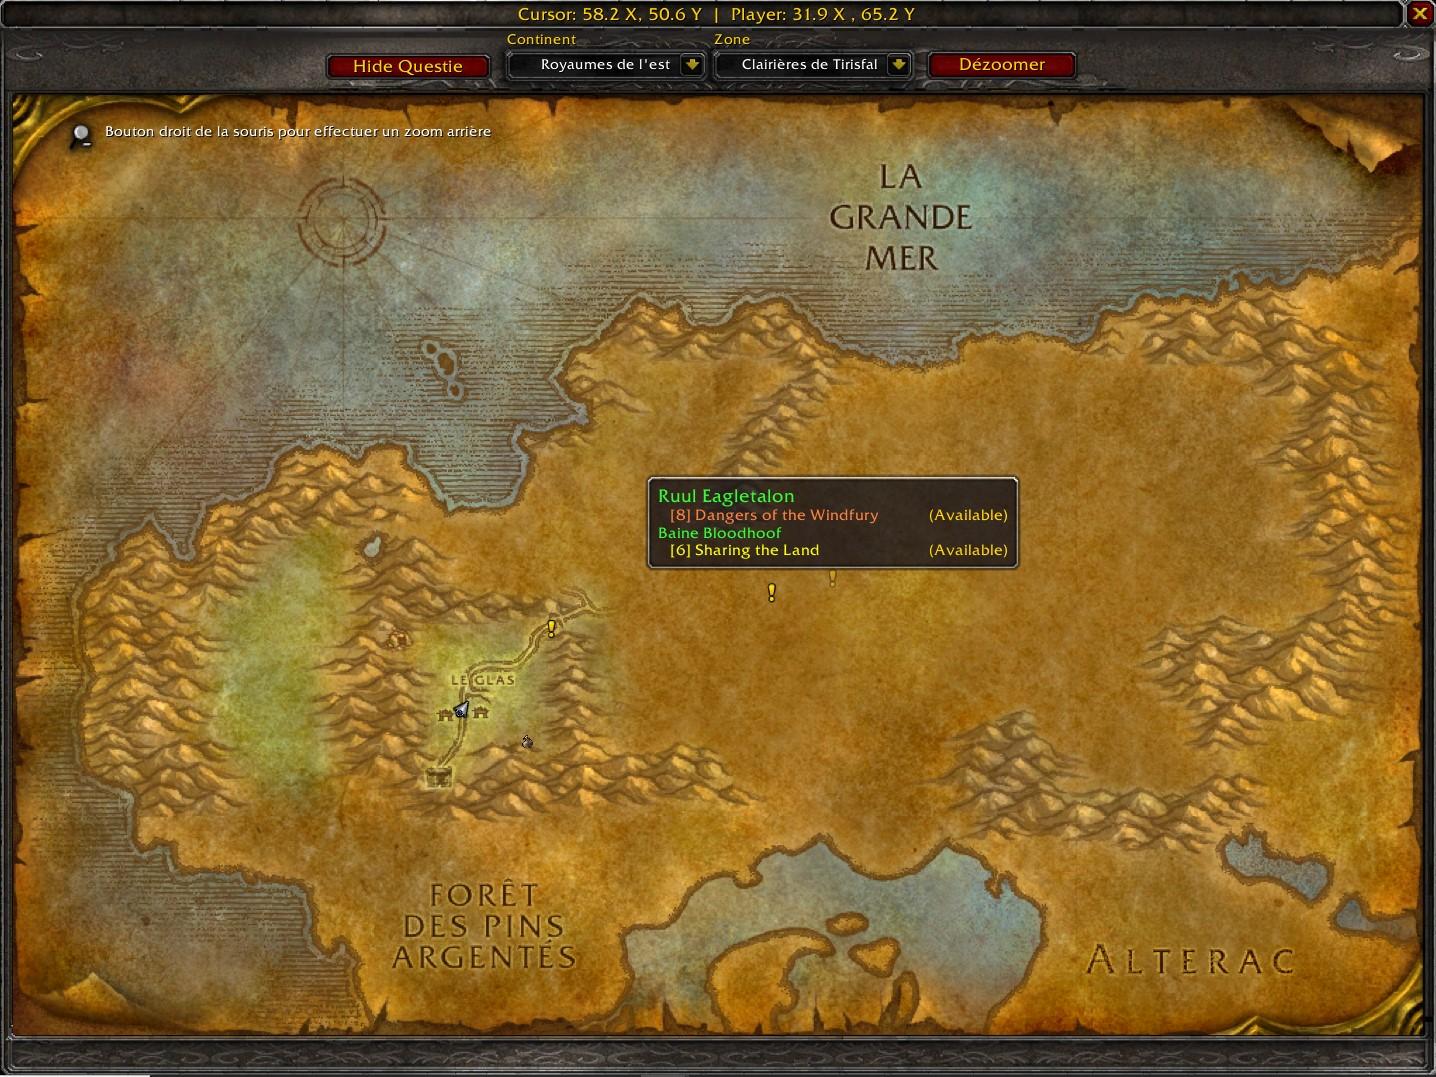 Affichage des quêtes à récupérer par Questie sur la carte